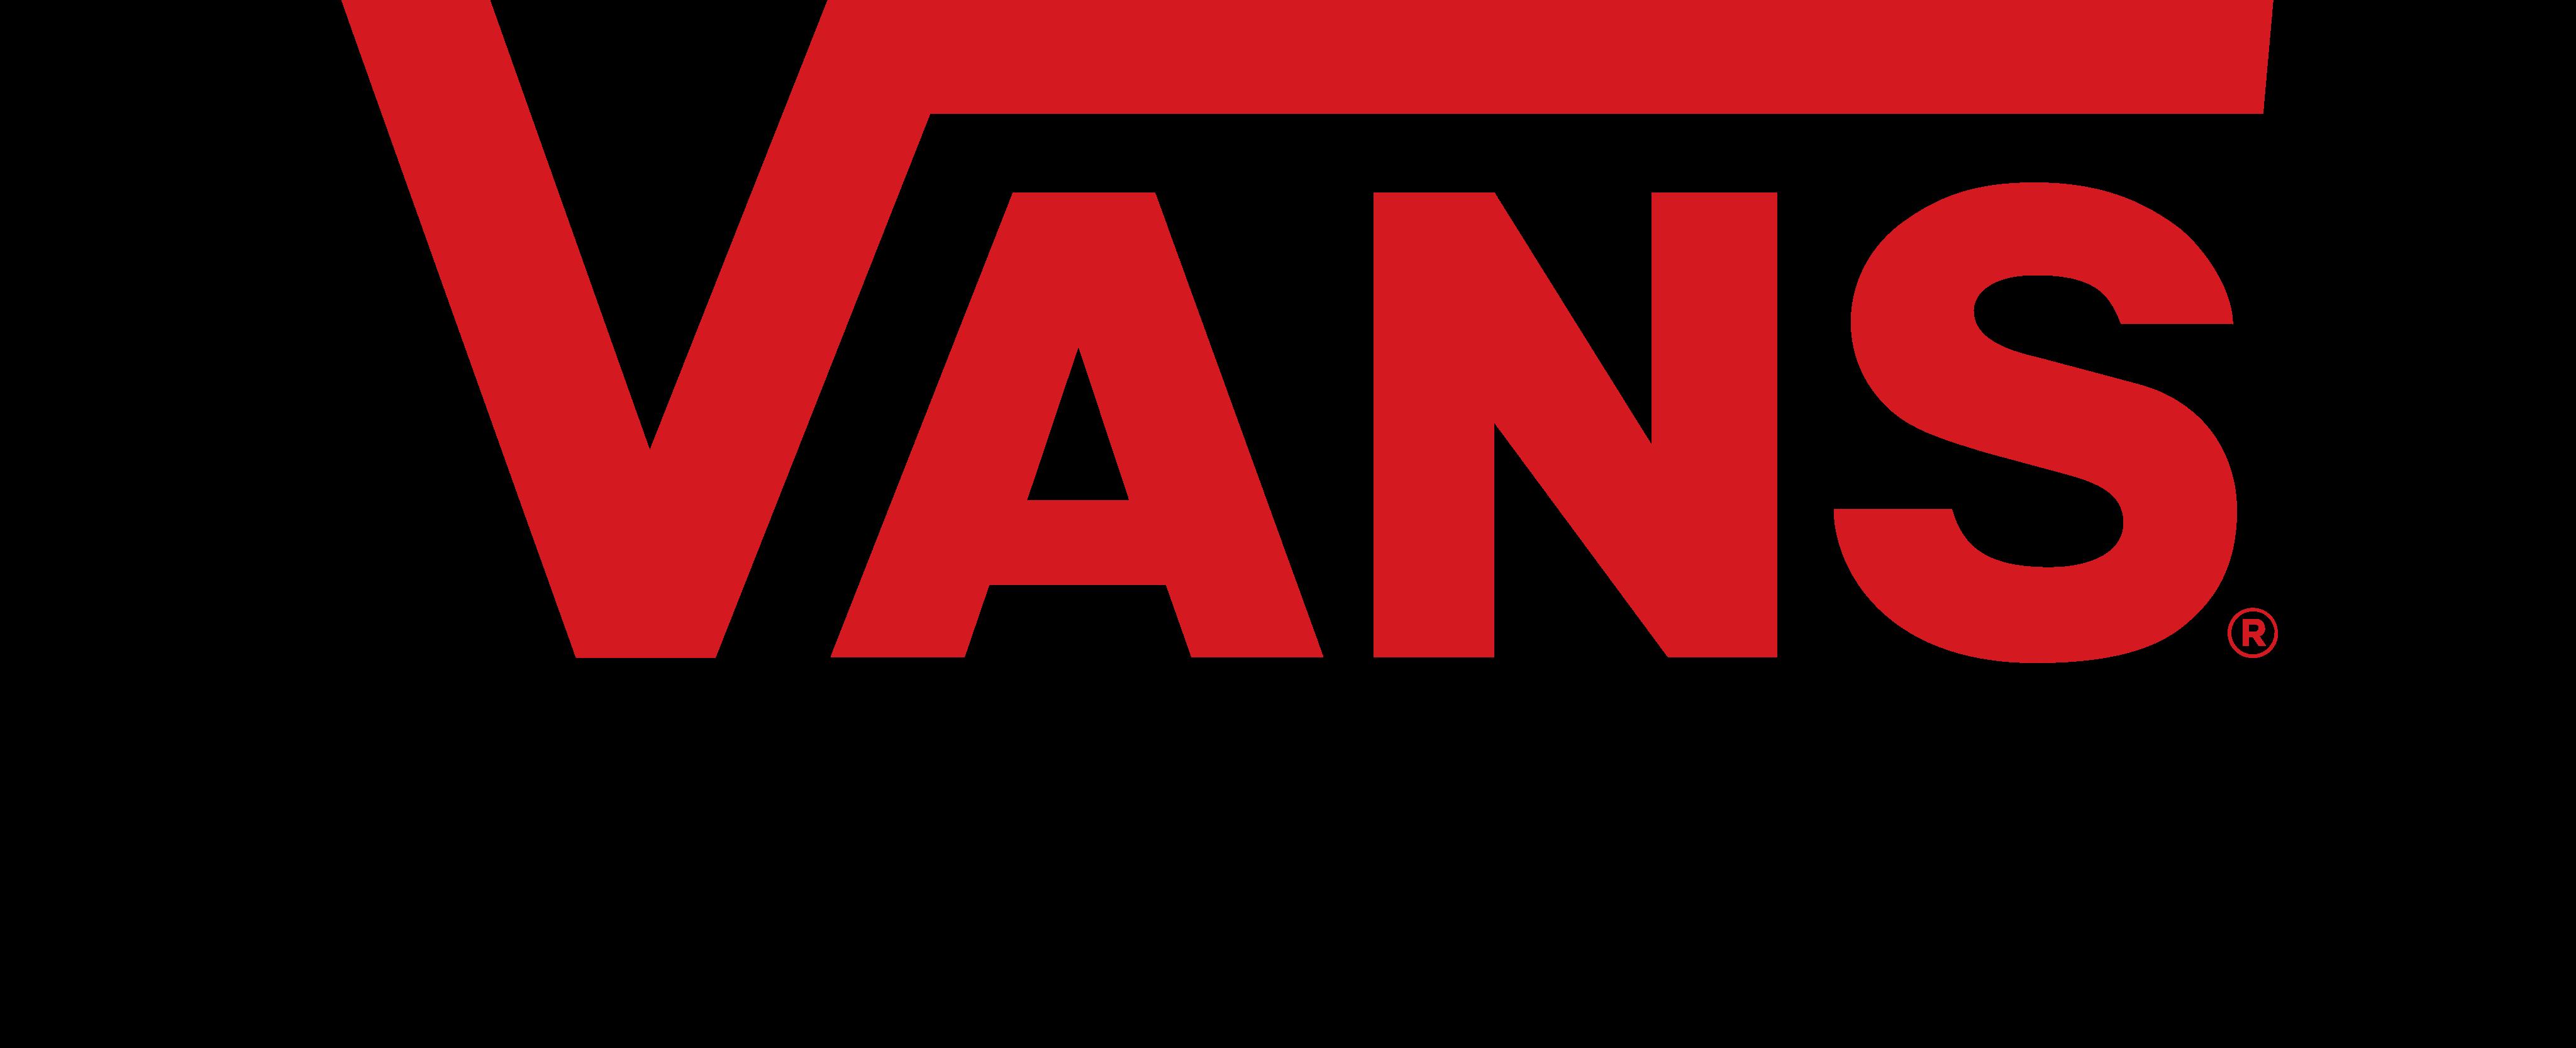 vans logo 3 - Vans Logo